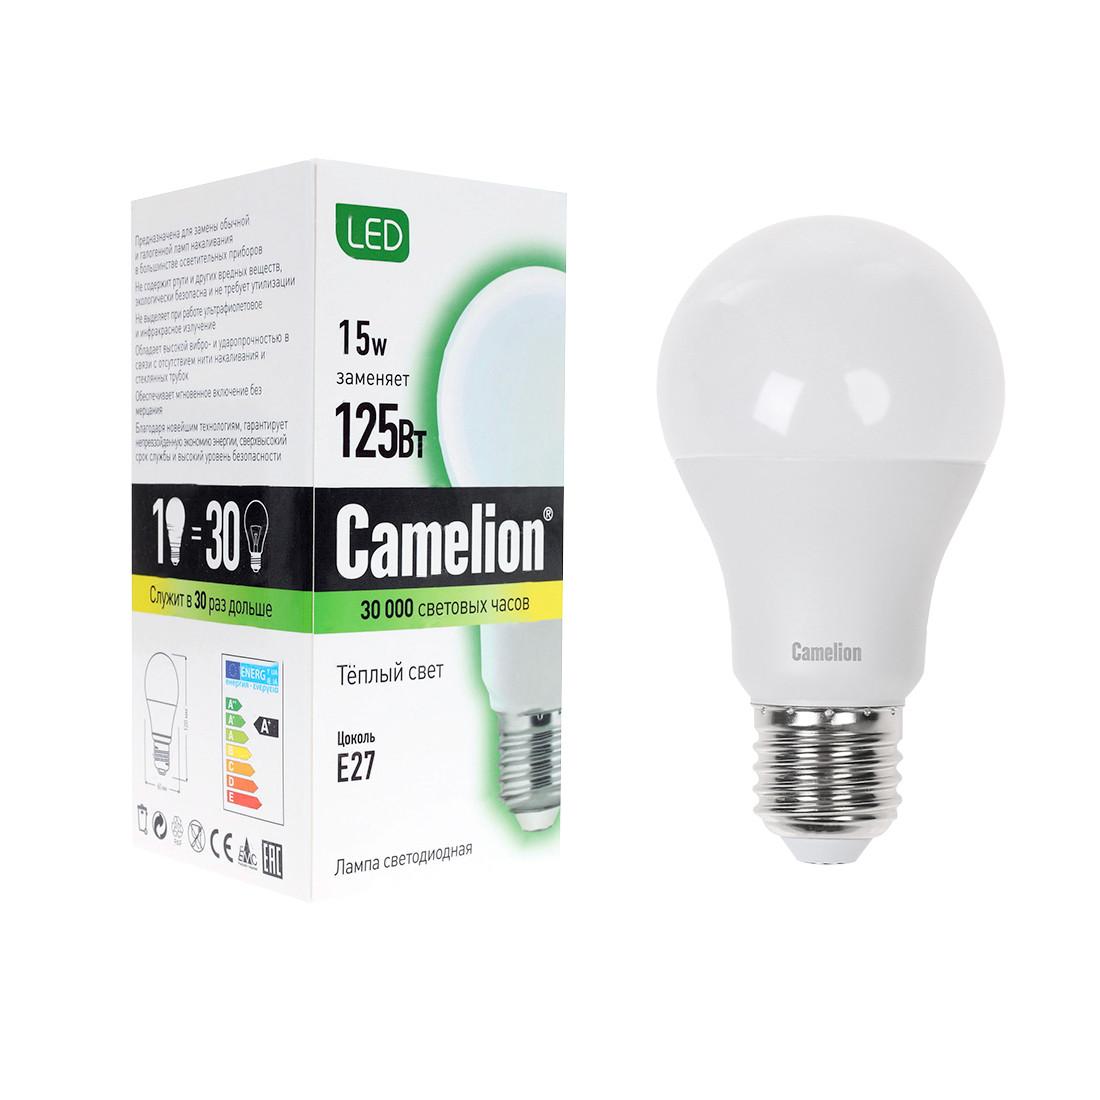 Эл. лампа светодиодная Camelion LED15-A60/830/E27, Тёплый